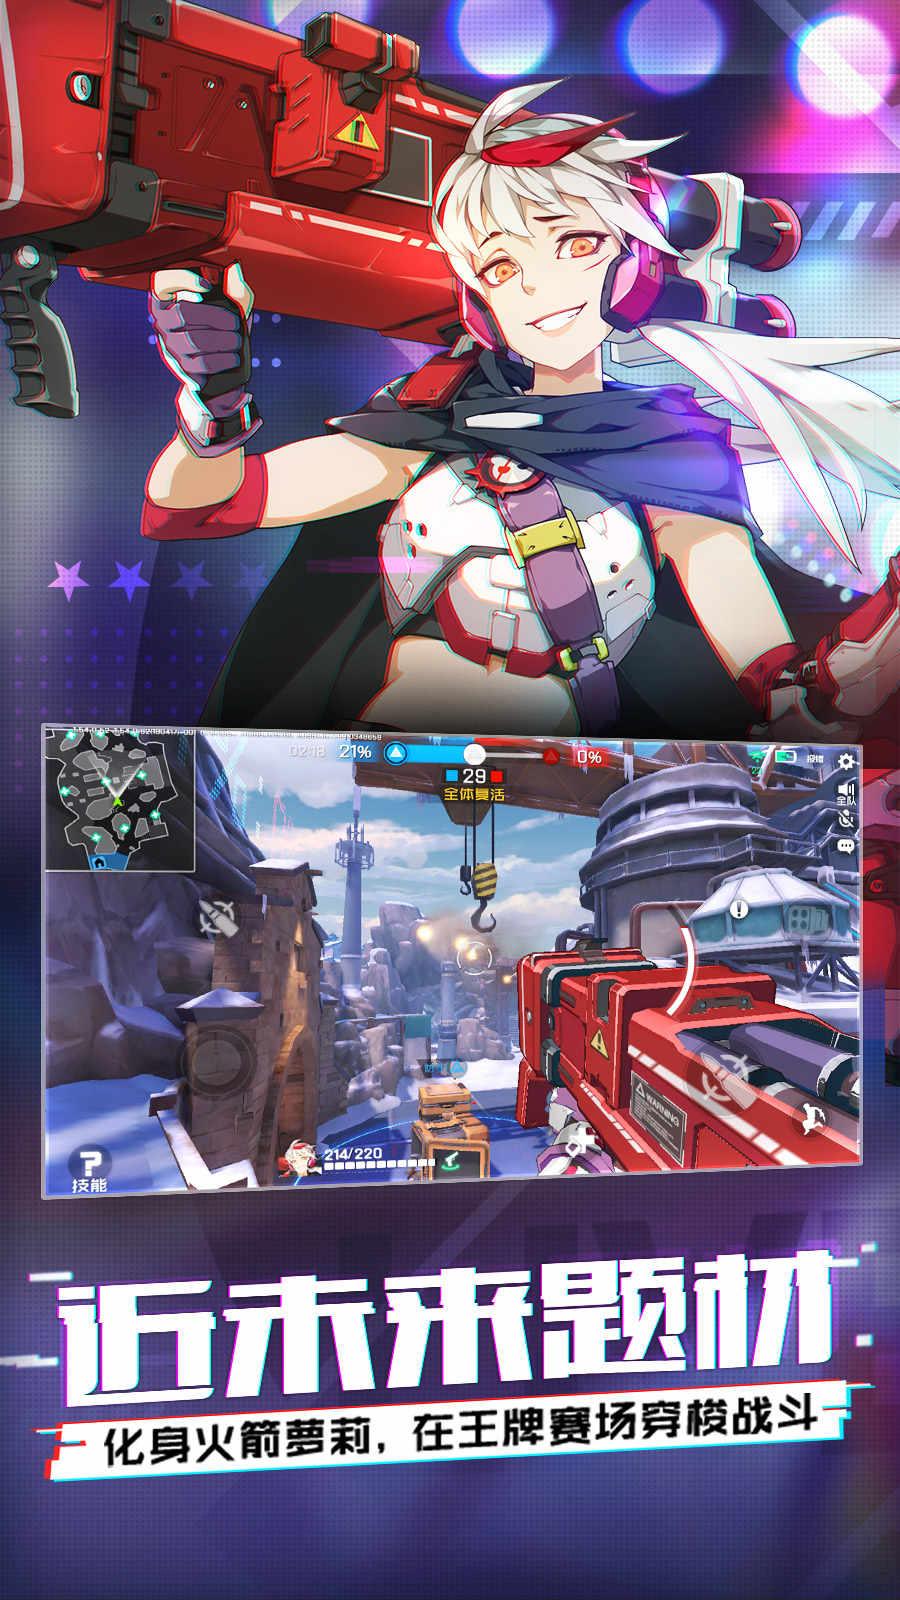 手机游戏通用版_王牌战士_安卓手机游戏免费版下载_7723手机游戏